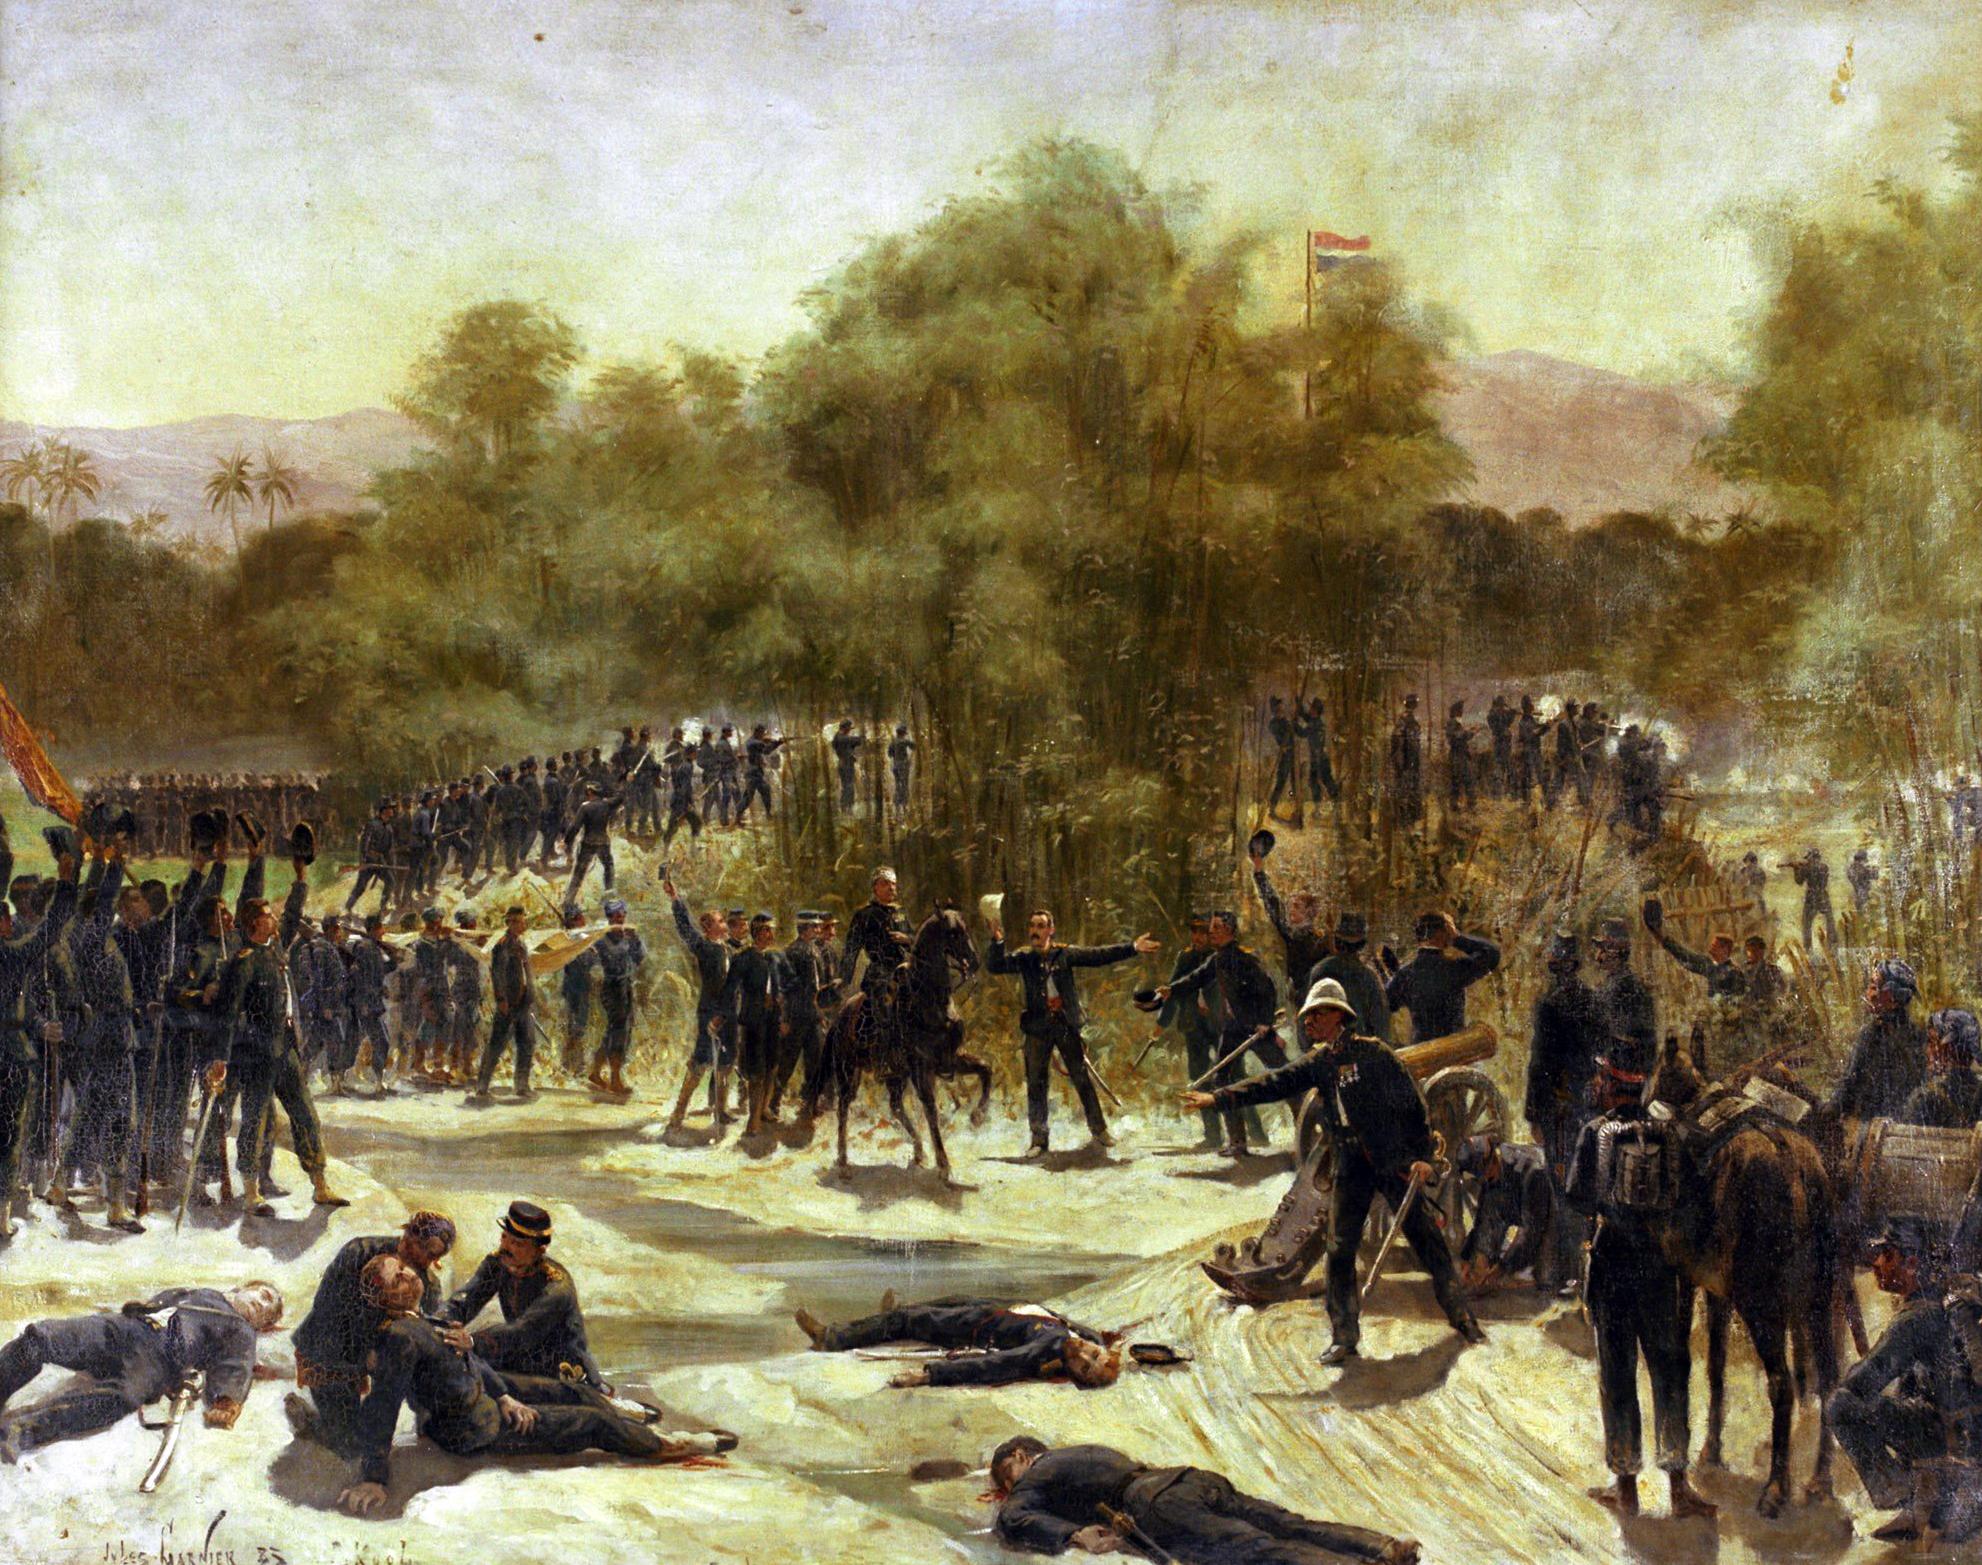 1e Slag bij Samalanga 26 aug 1877. Geschilderd door Jules Garnier (Collectie Bronbeek).